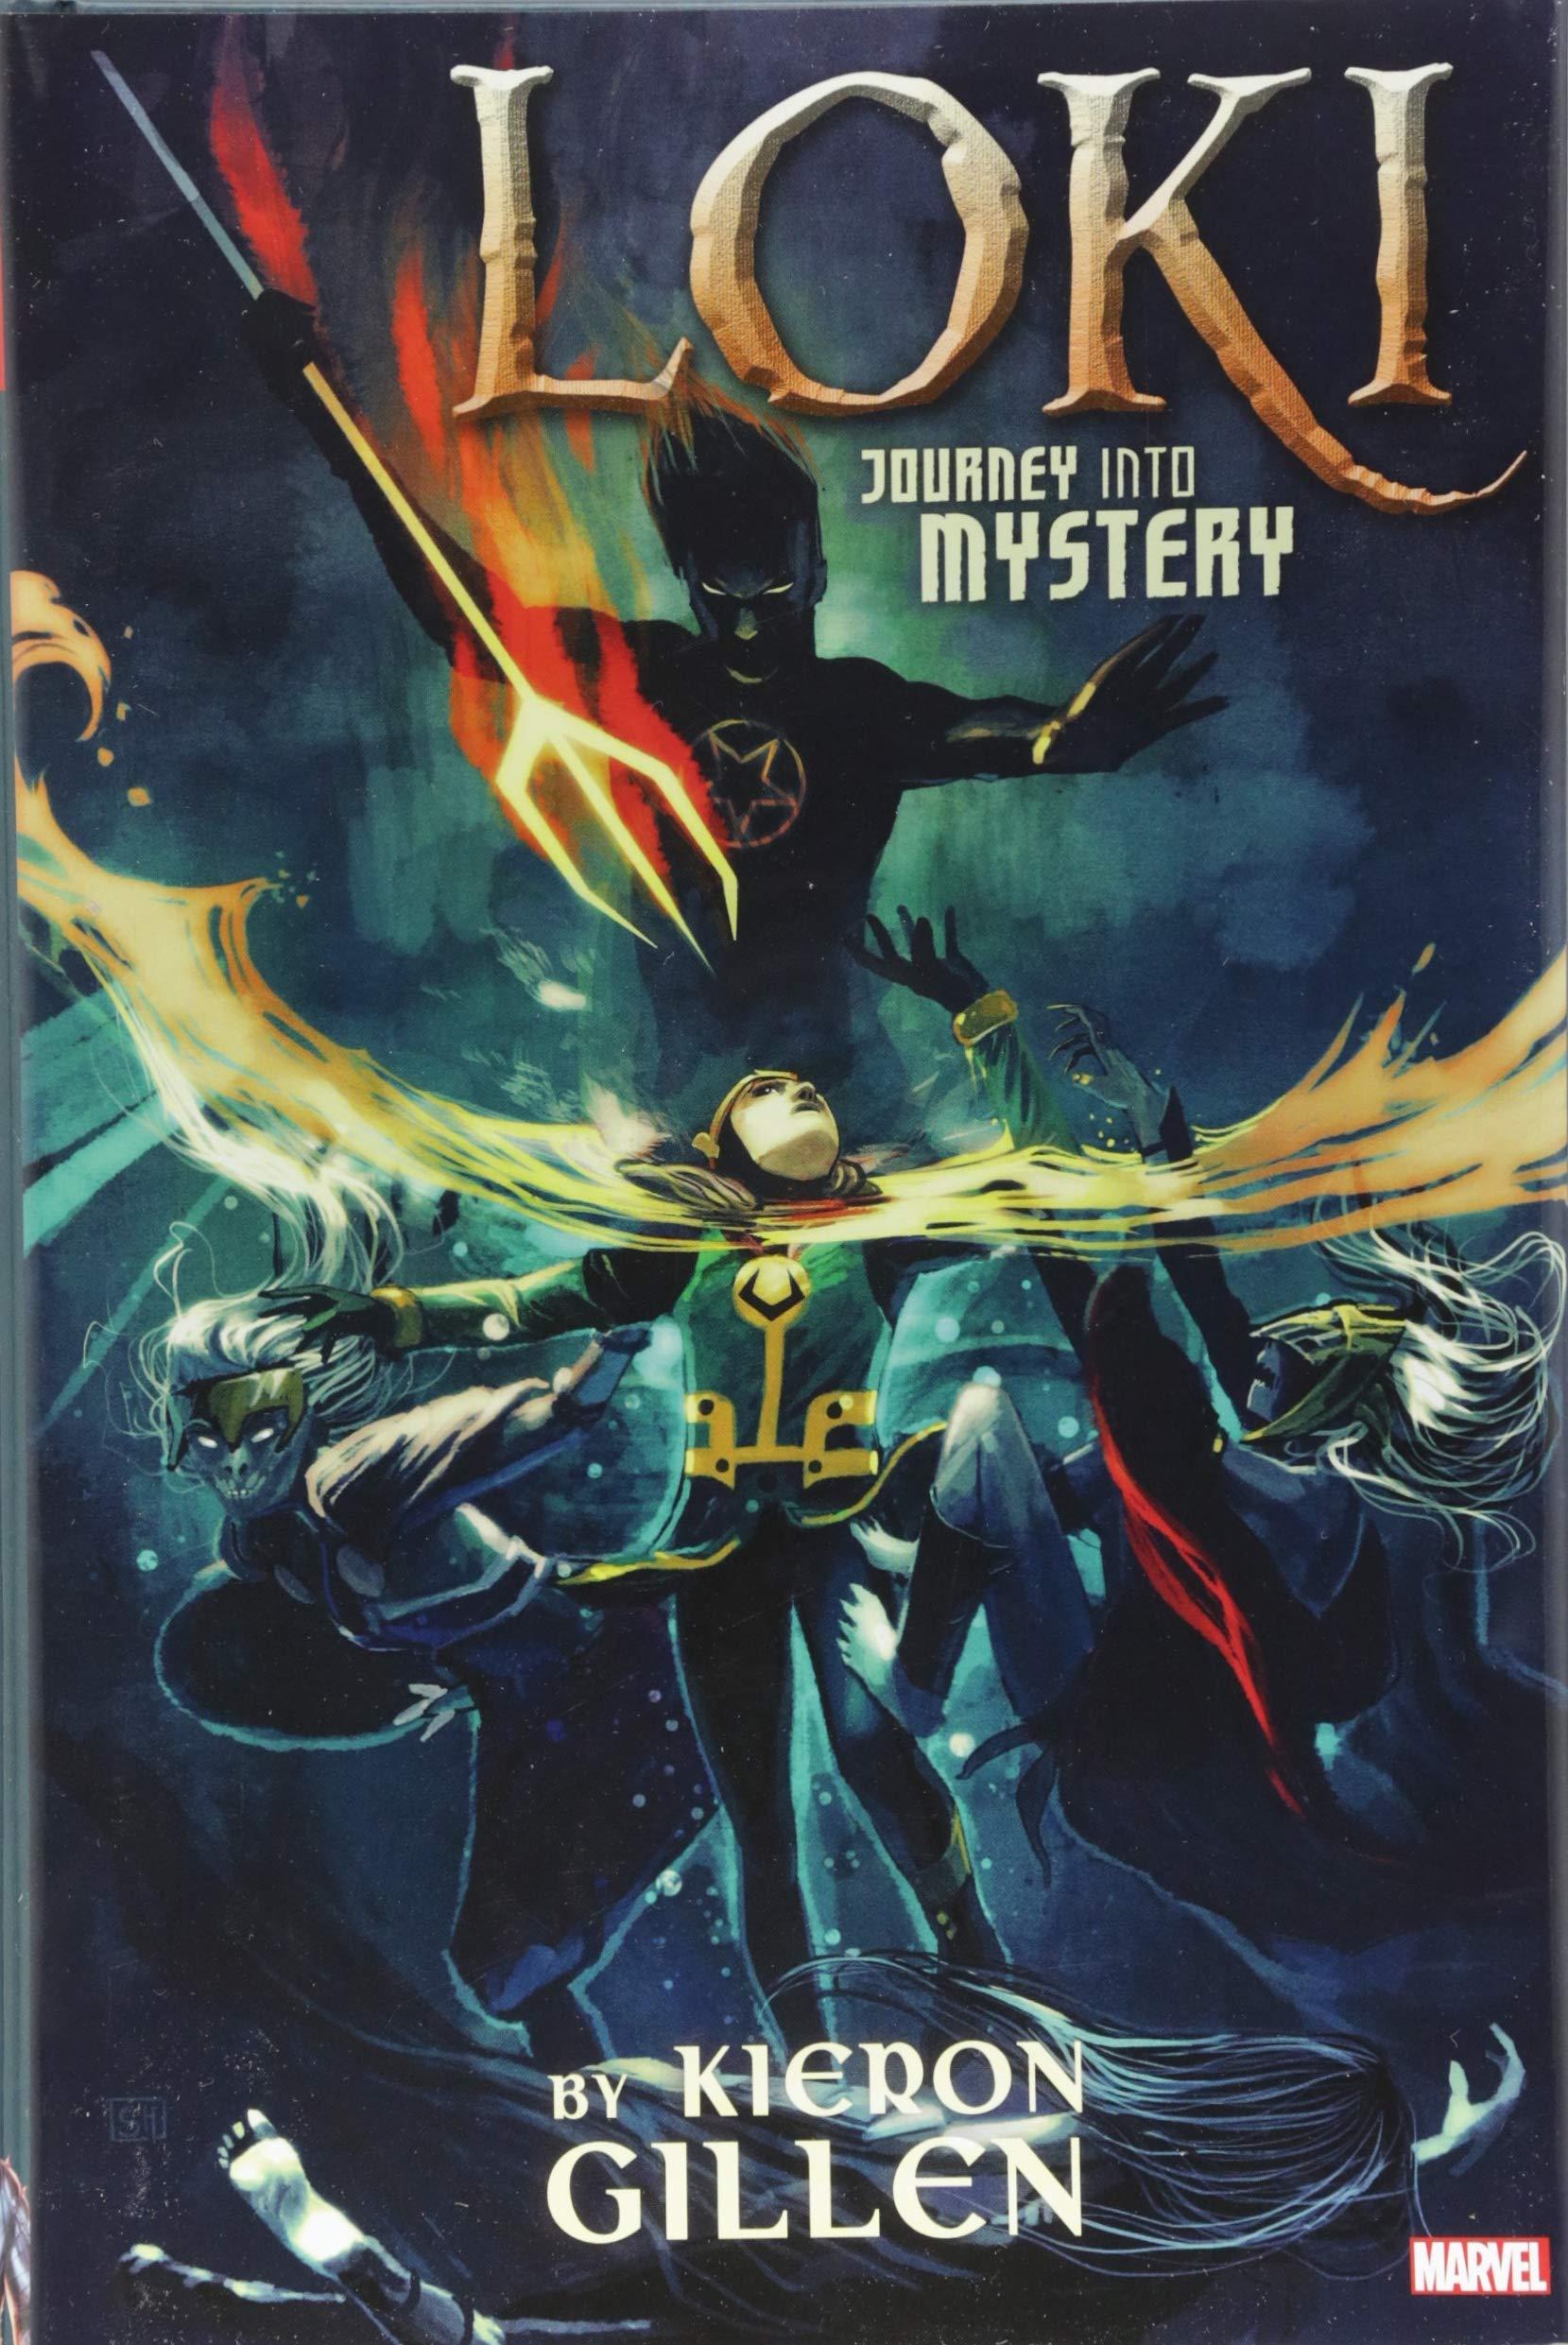 Amazon com: Loki: Journey Into Mystery by Kieron Gillen Omnibus